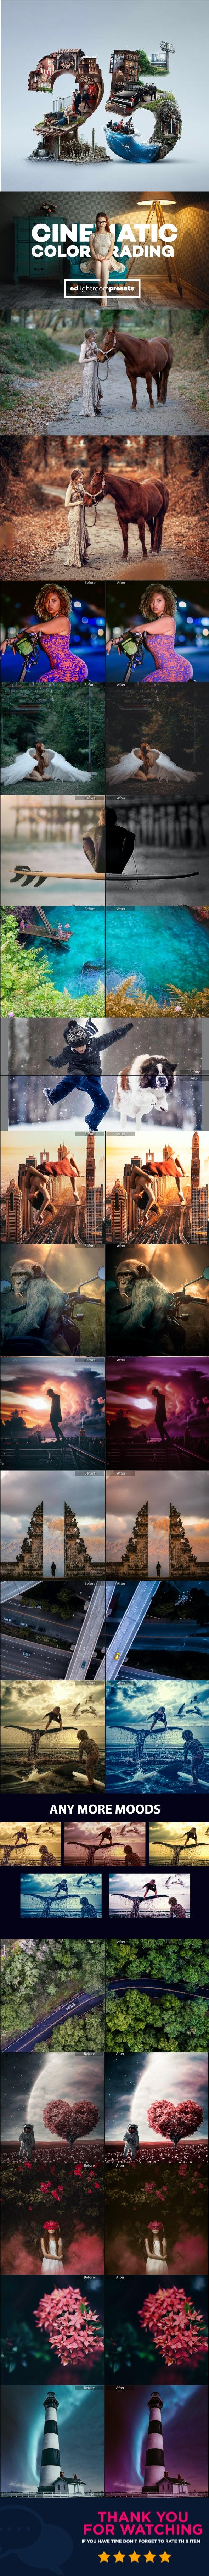 25 Cinematic Color Grading Lightroom Presets - Cinematic Lightroom Presets